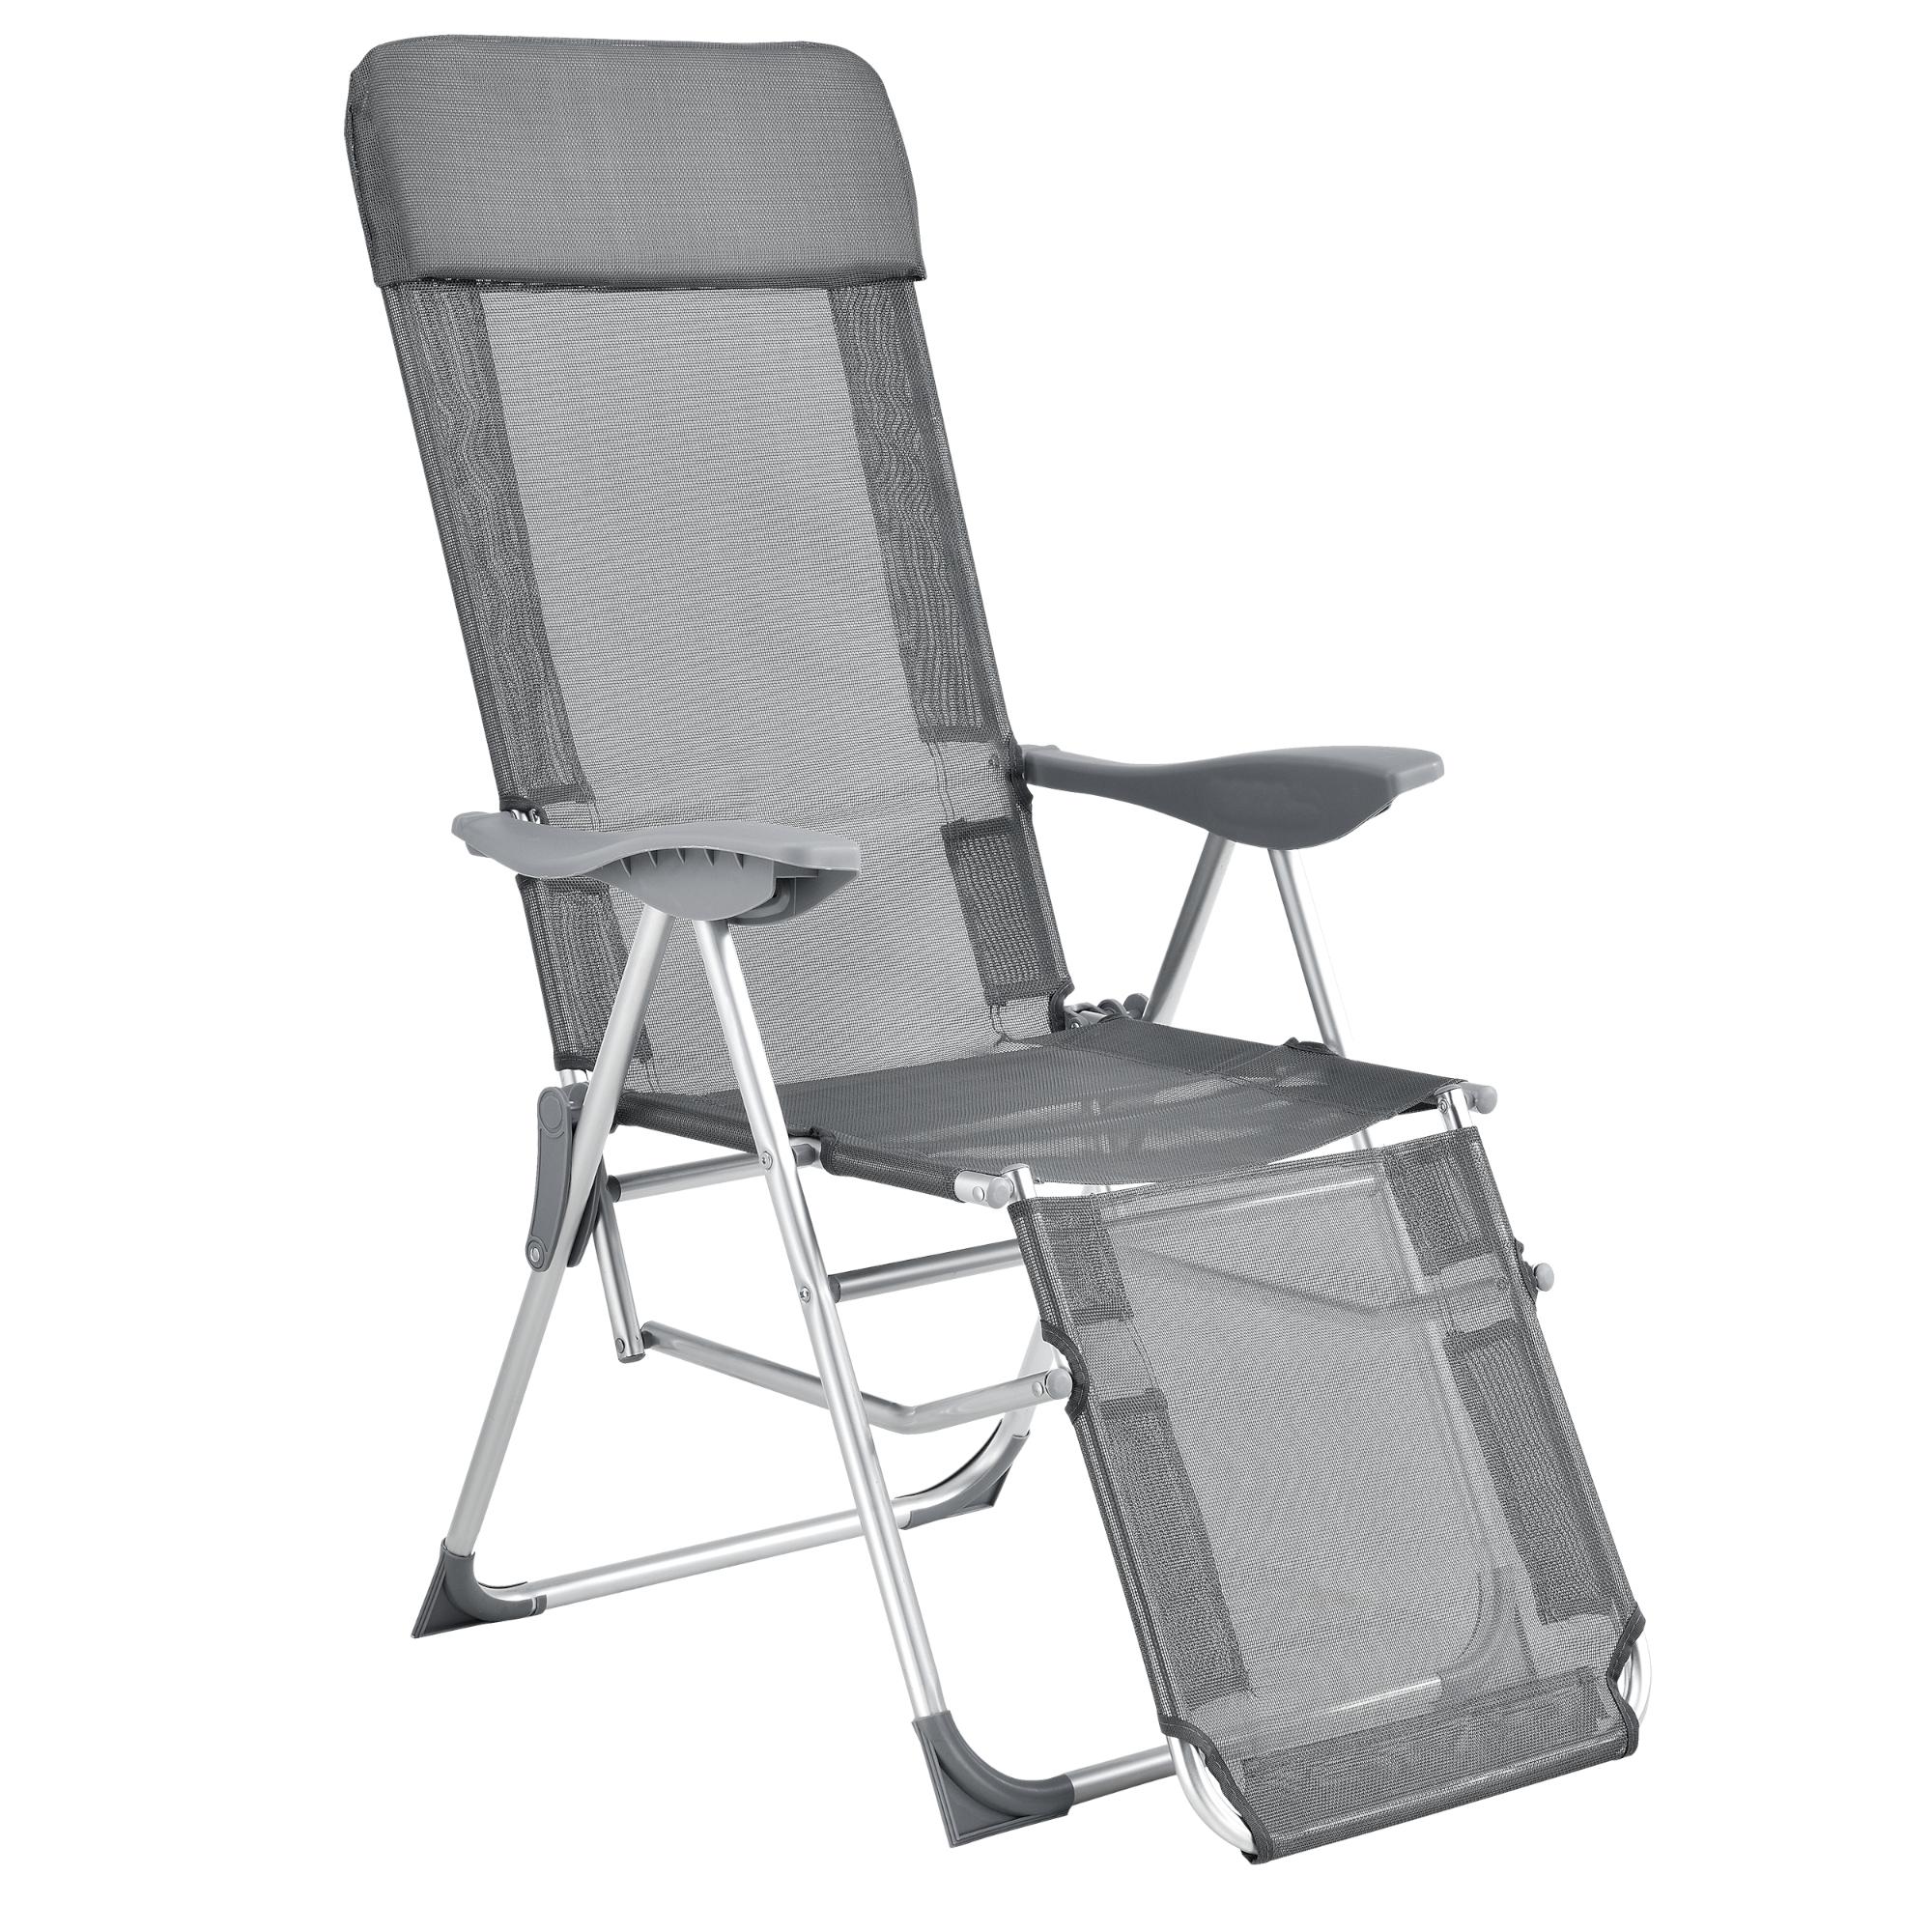 SEDIA SDRAIO RELAX Sedia da campeggio lettino da giardino lettino prendisole sedia GRIGIO CASA. Pro